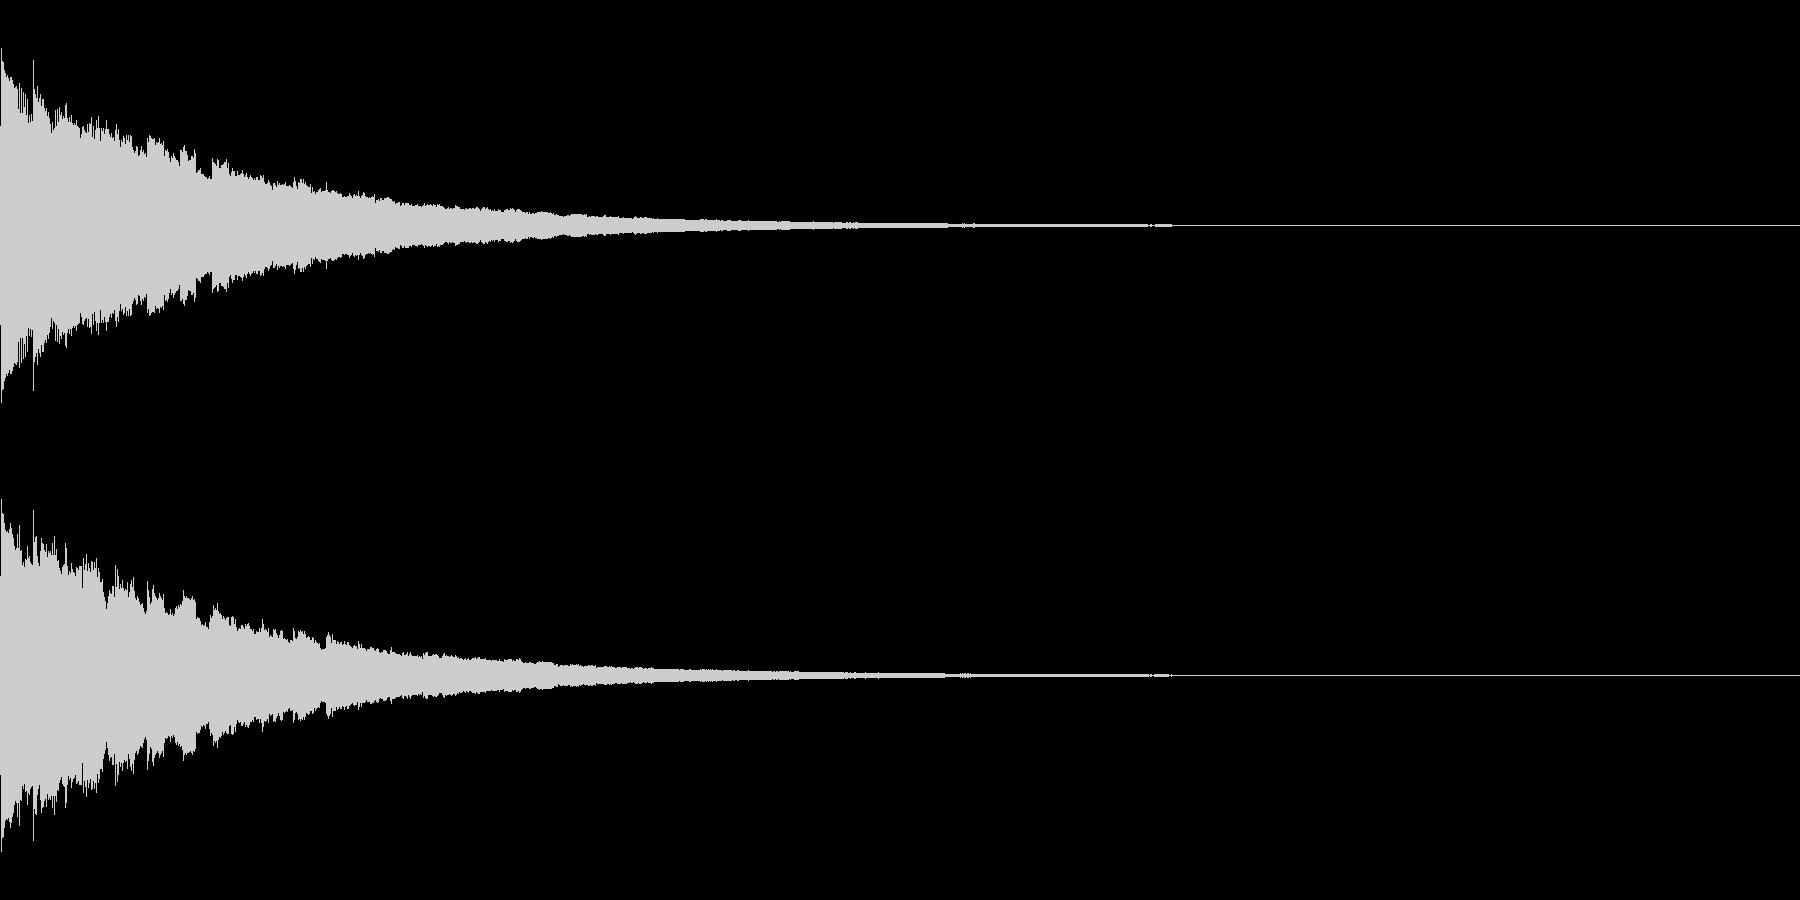 ピコピコピコ… 上昇音 その1の未再生の波形